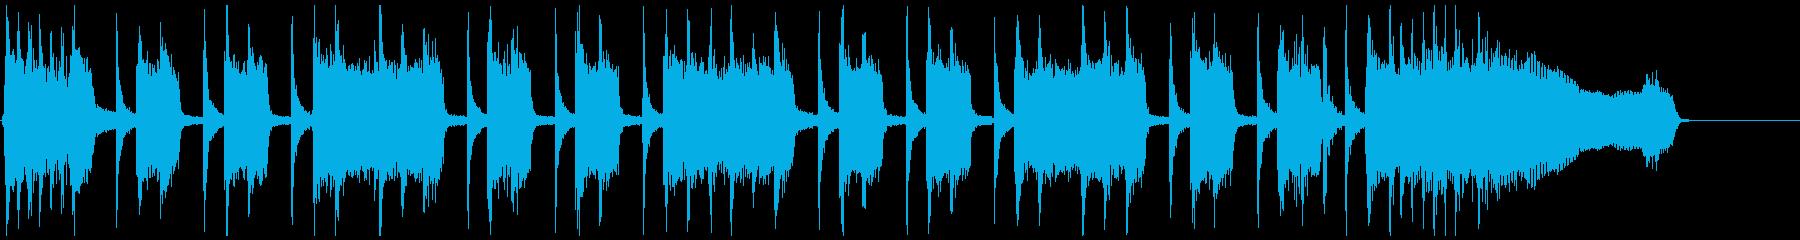 生演奏エレキ 王道ハードロック ジングルの再生済みの波形